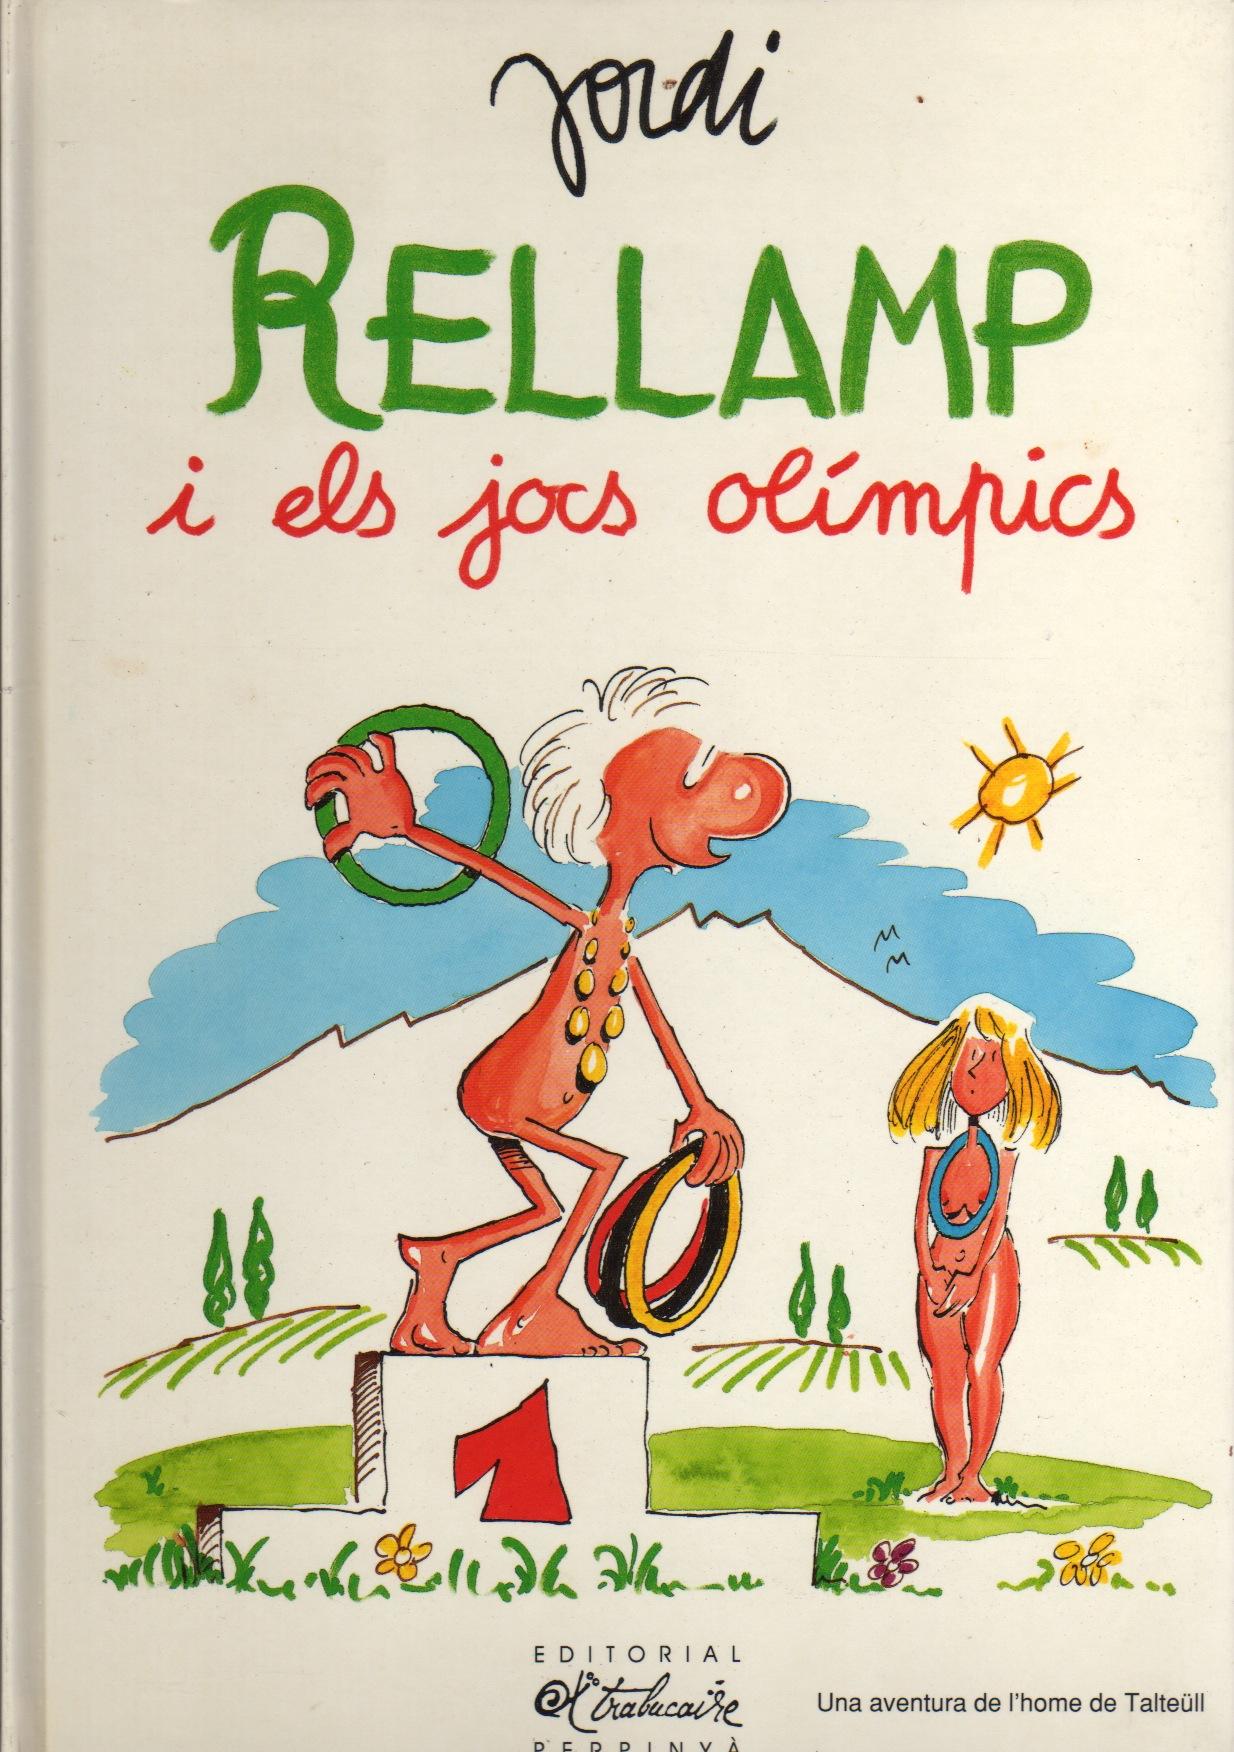 Rellamp i els jocs olímpics